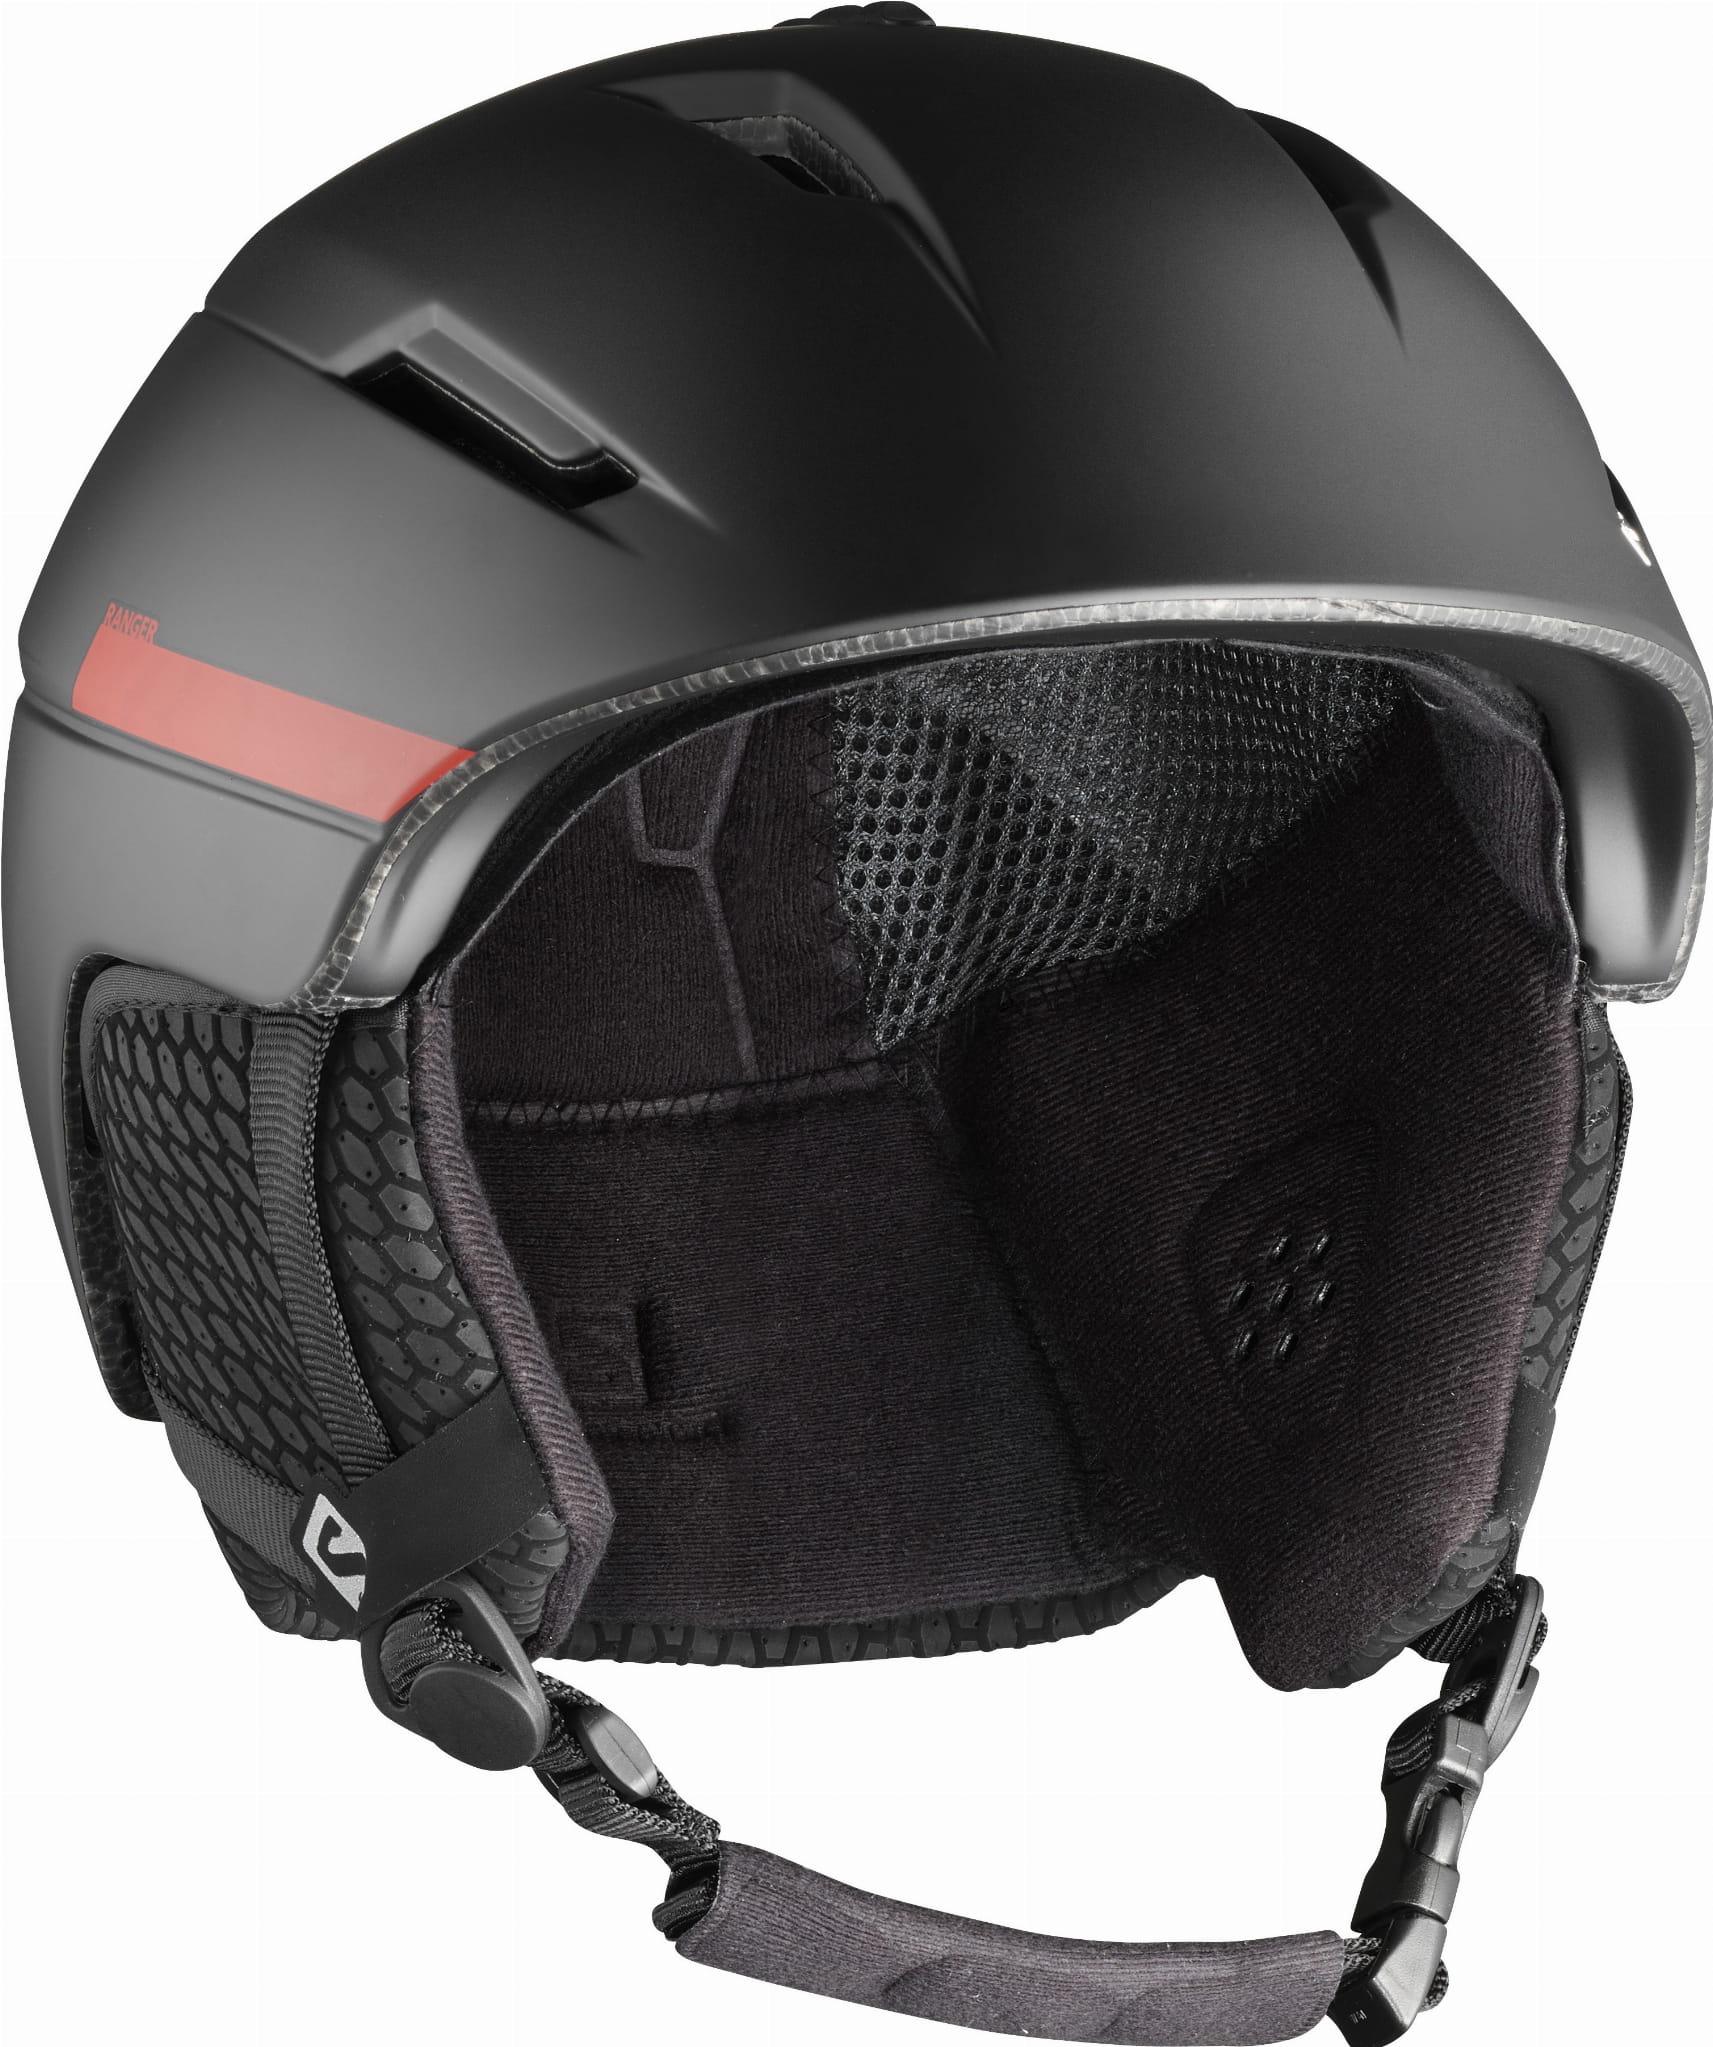 Kask Salomon Ranger2 BlackRed Accent